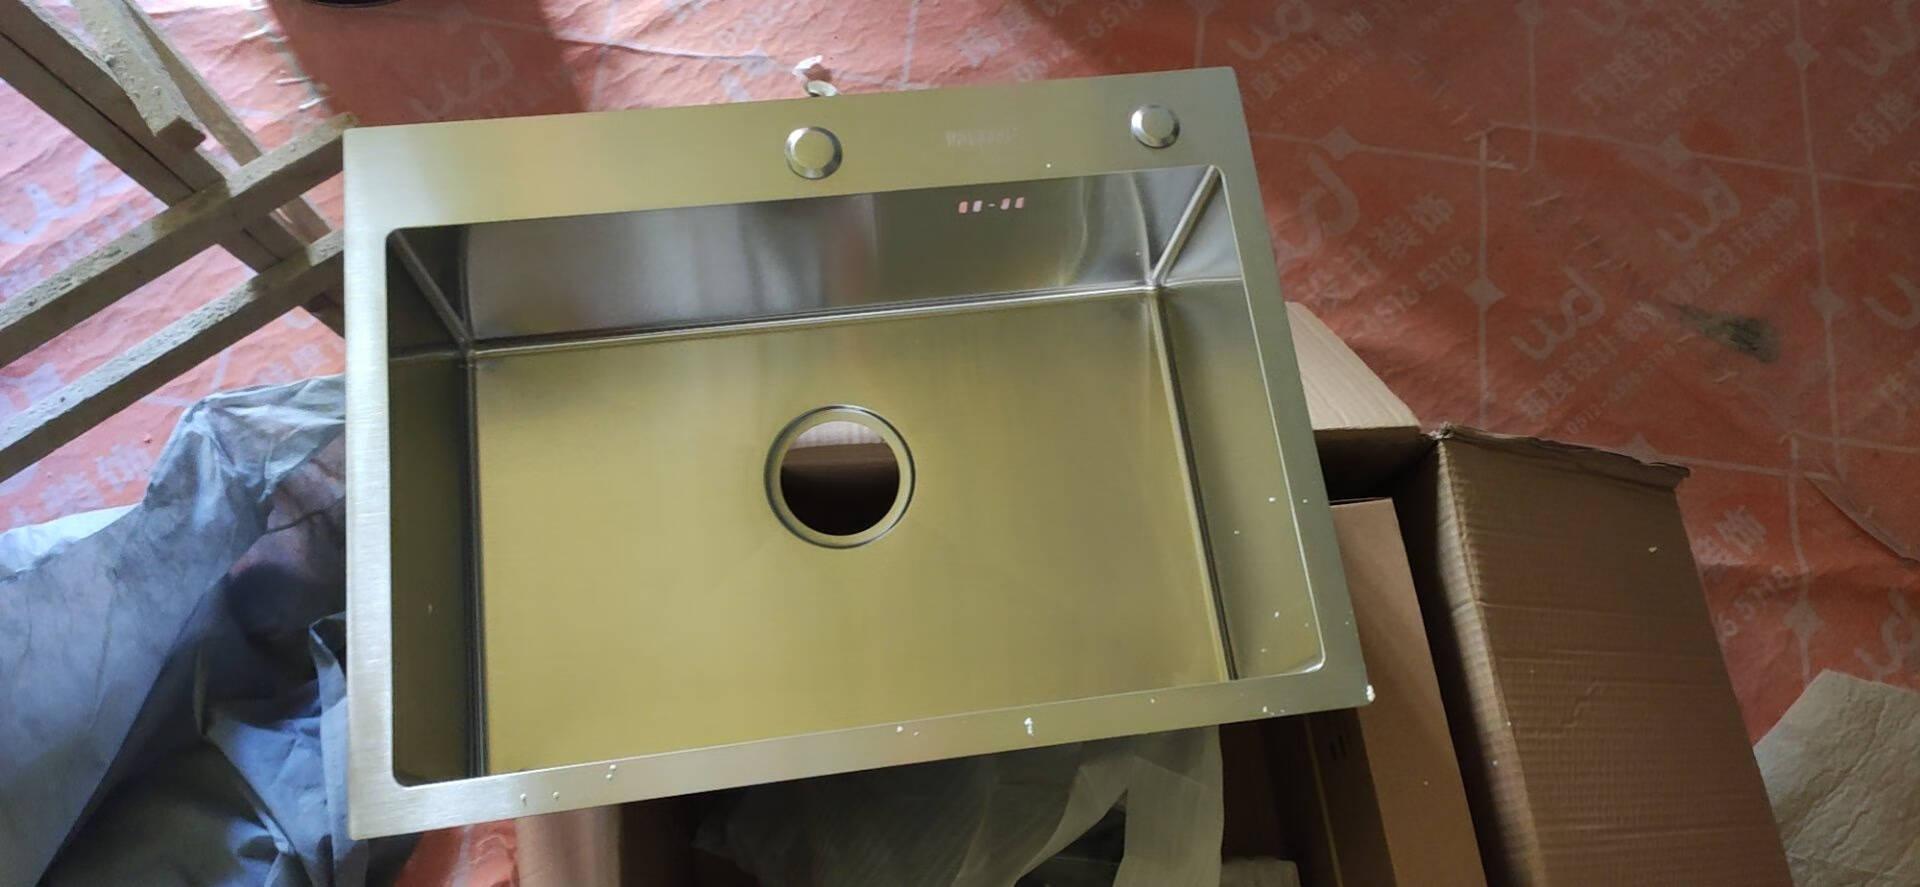 悍高HIGOLD厨房水槽单槽加厚304不锈钢手工水槽洗菜盆双槽台上台下洗菜池台控洗碗池配抽拉龙头